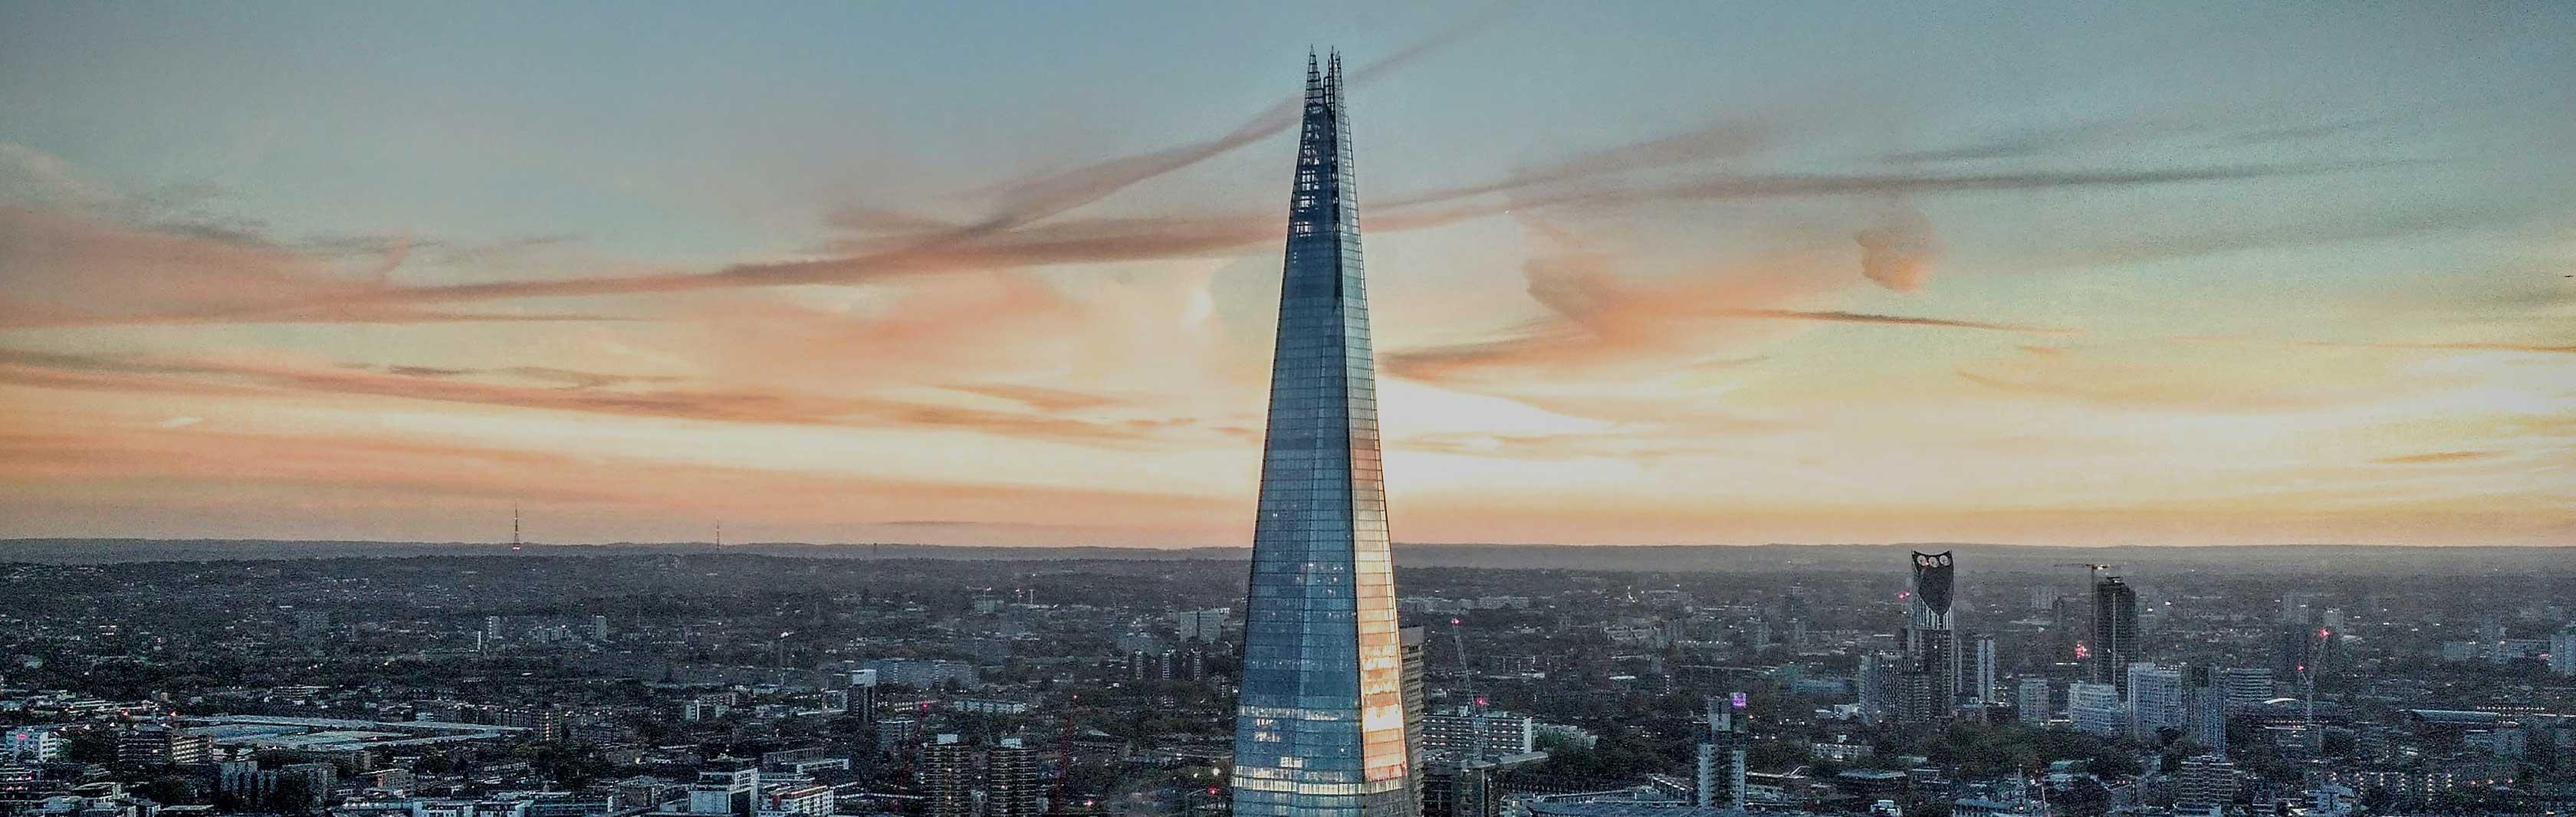 Der Capital Floor – ein sicheres Netz für das Kapital